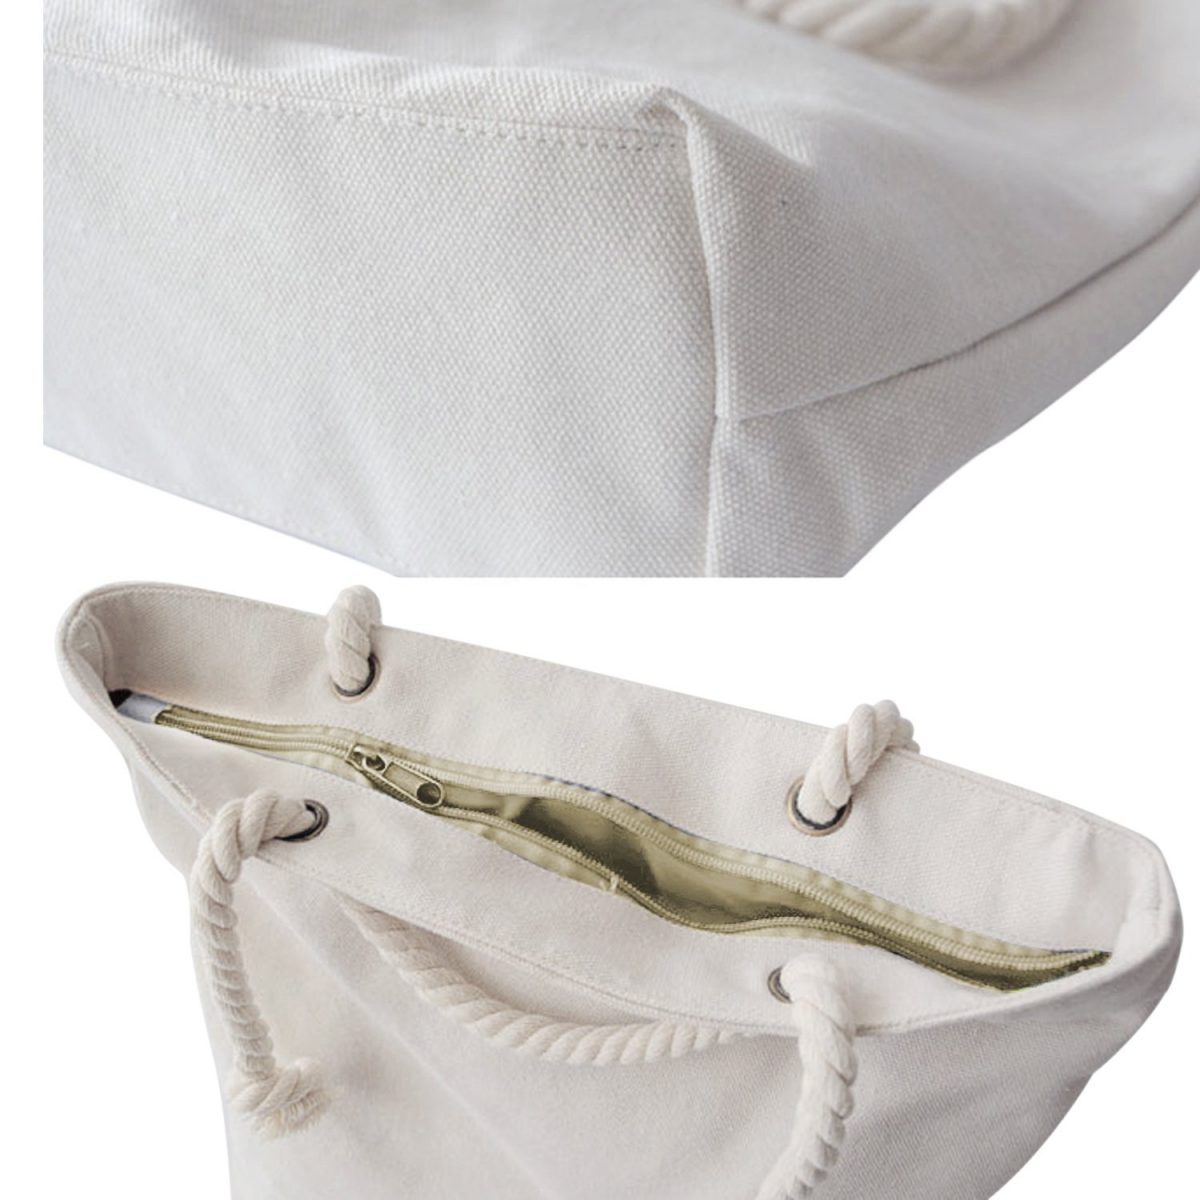 Geometrik Zeminde Tüy Desenli Modern Fermuarlı Kumaş Çanta Realhomes